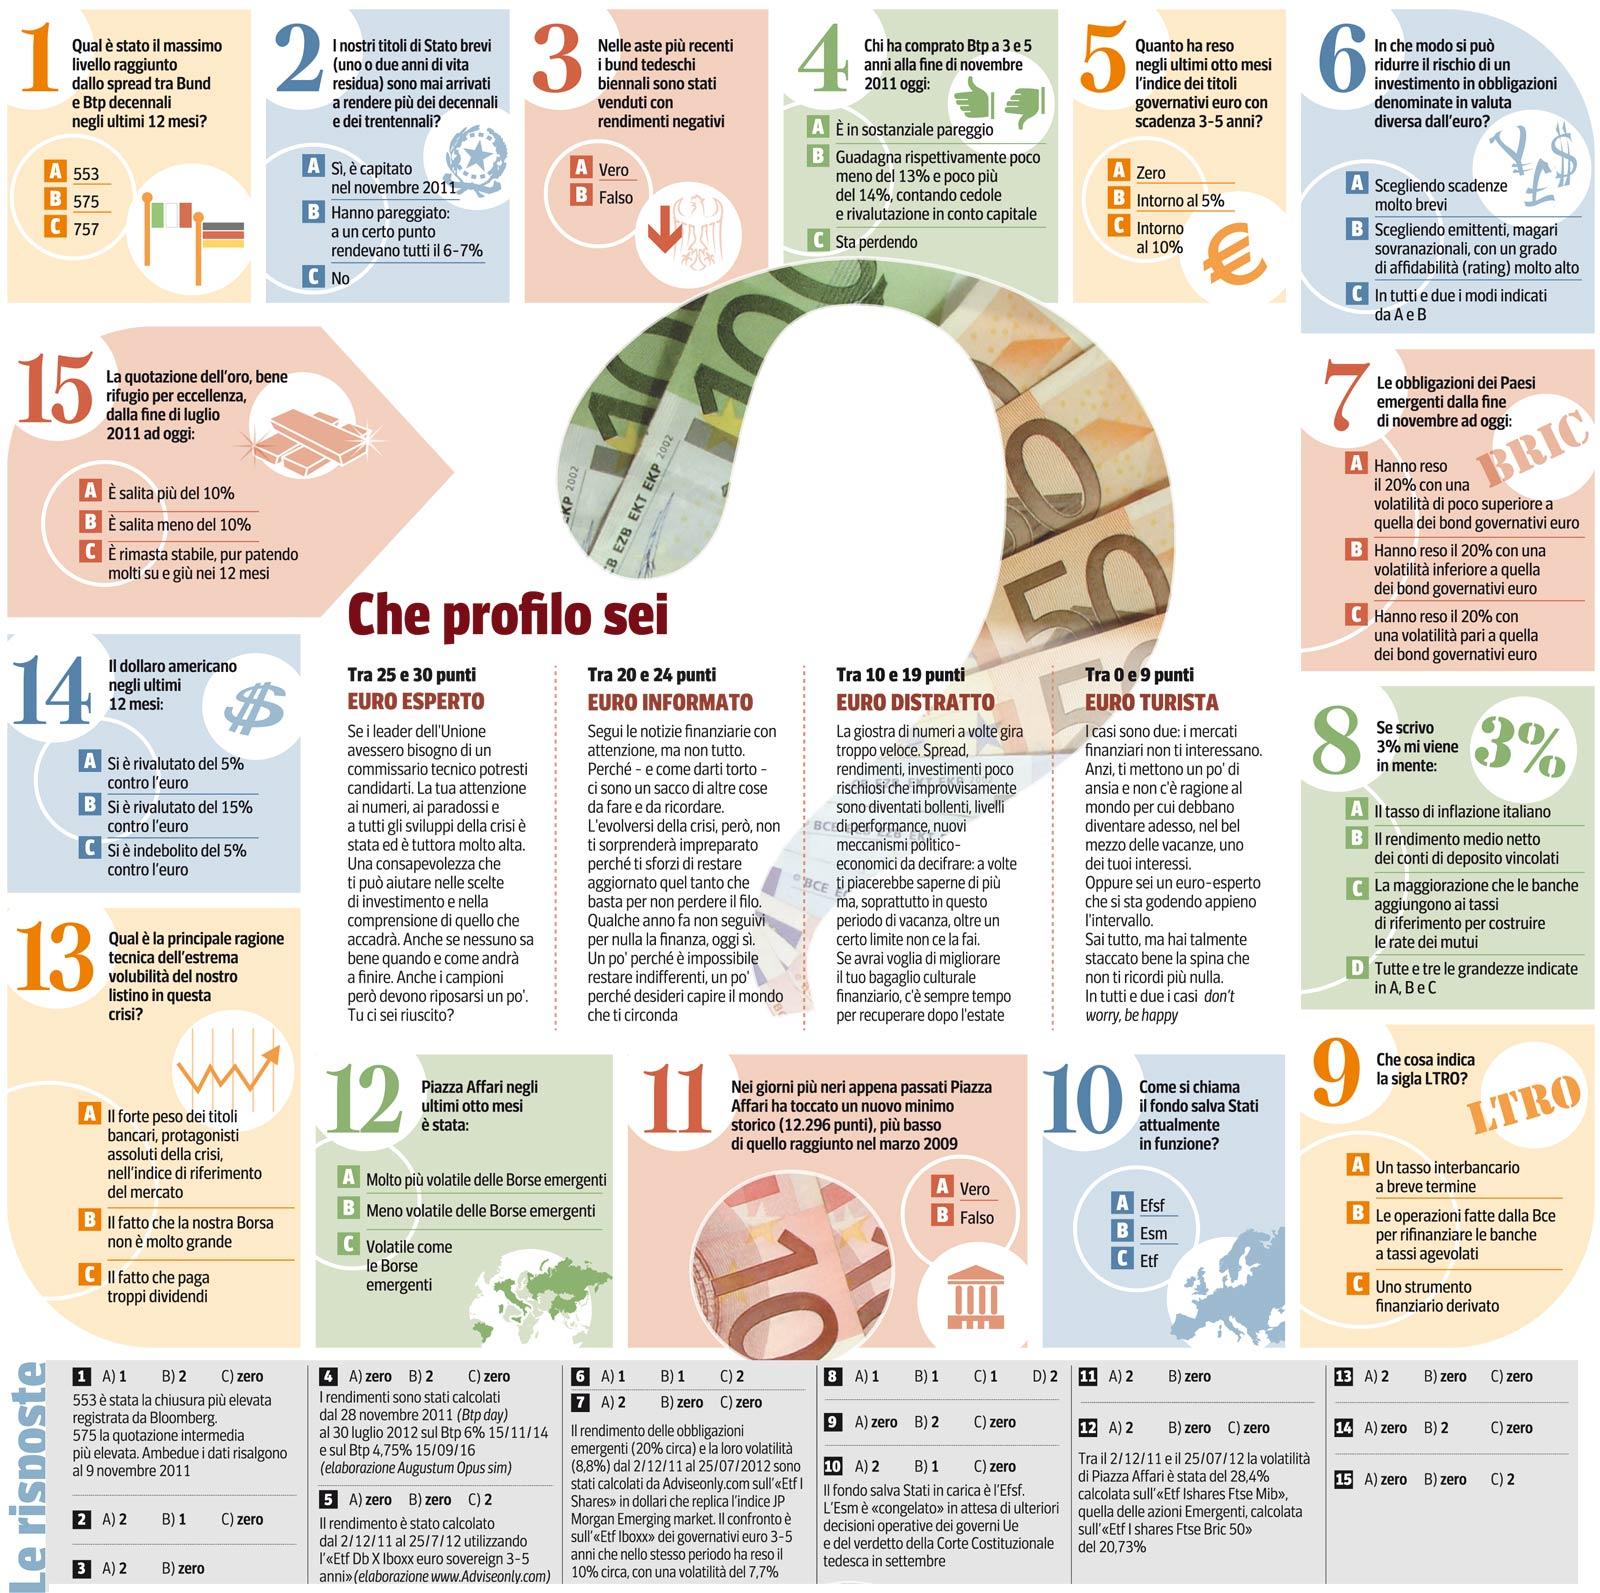 Risparmi al sicuro, ecco il test dellestate - Corriere.it